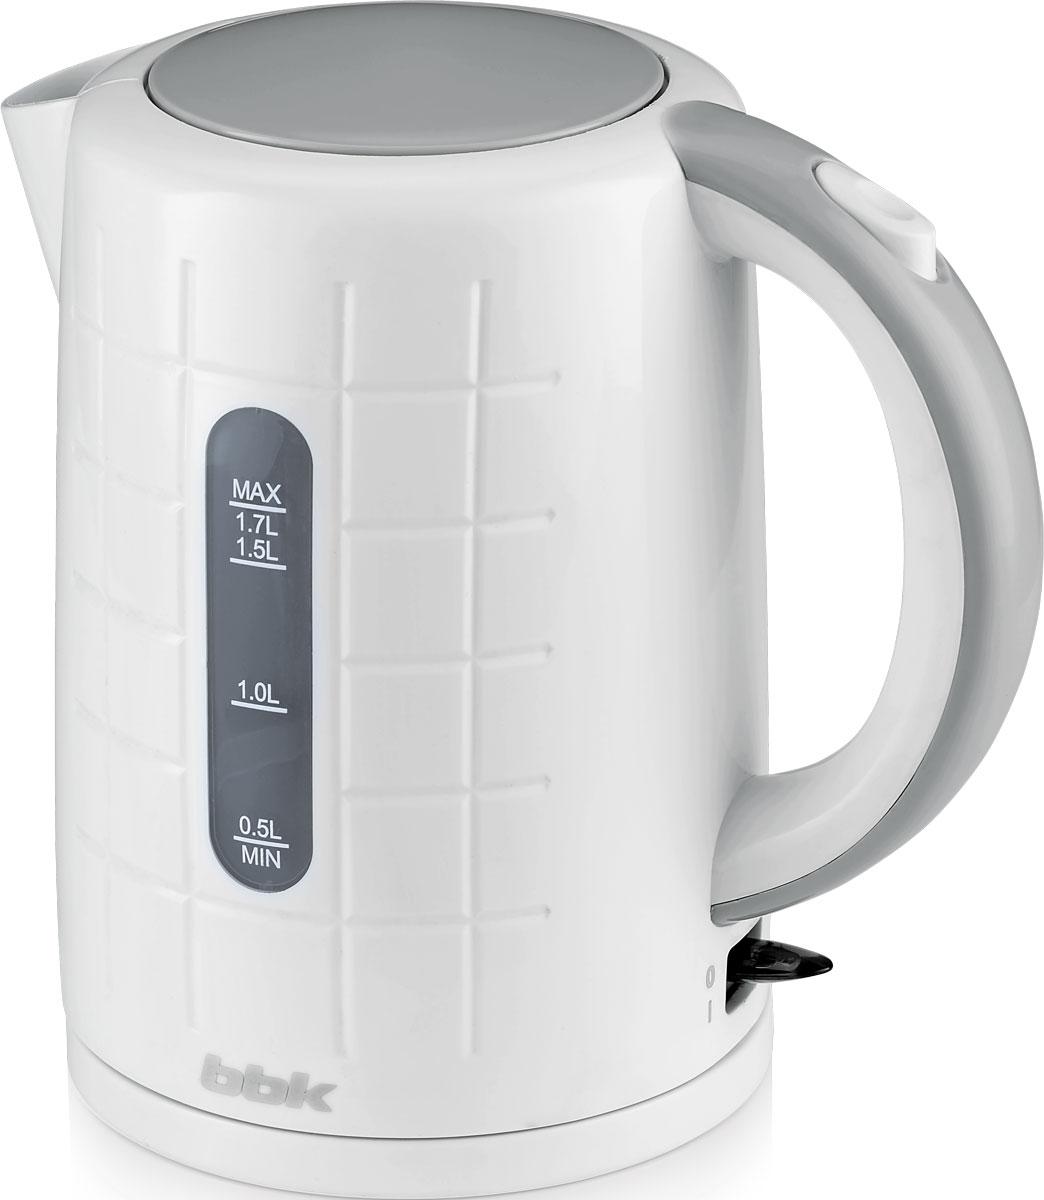 BBK EK1703P, White Metallic электрический чайникEK1703P бел/метЭлектрический чайник BBK EK1703P из термостойкого экологически чистого пластика, мощностью 2200 Bт и емкостью 1,7 литра,- это не просто стильный, но и многофункциональный прибор для вашей кухни. Благодаря английскомуконтроллеру, установленному в приборе, чайник прослужит в 5 раз дольше обычного, обеспечивая до 15000закипаний. Модель оснащена многоуровневой защитой: автоматическое отключение при закипании, отключение принедостаточном количестве водыи отключение при снятии чайника с базы. Прибор установлен на удобную подставку с возможностью поворота на 360 градусов и с отделением для храненияшнура. Помимо этого отличительной особенностью является удобный носик для наливания и шкала уровня воды.Съемный фильтр от накипи и скрытый нагревательный элемент гарантированно обеспечат надежность,долговечность и максимально комфортное ежедневное использование.